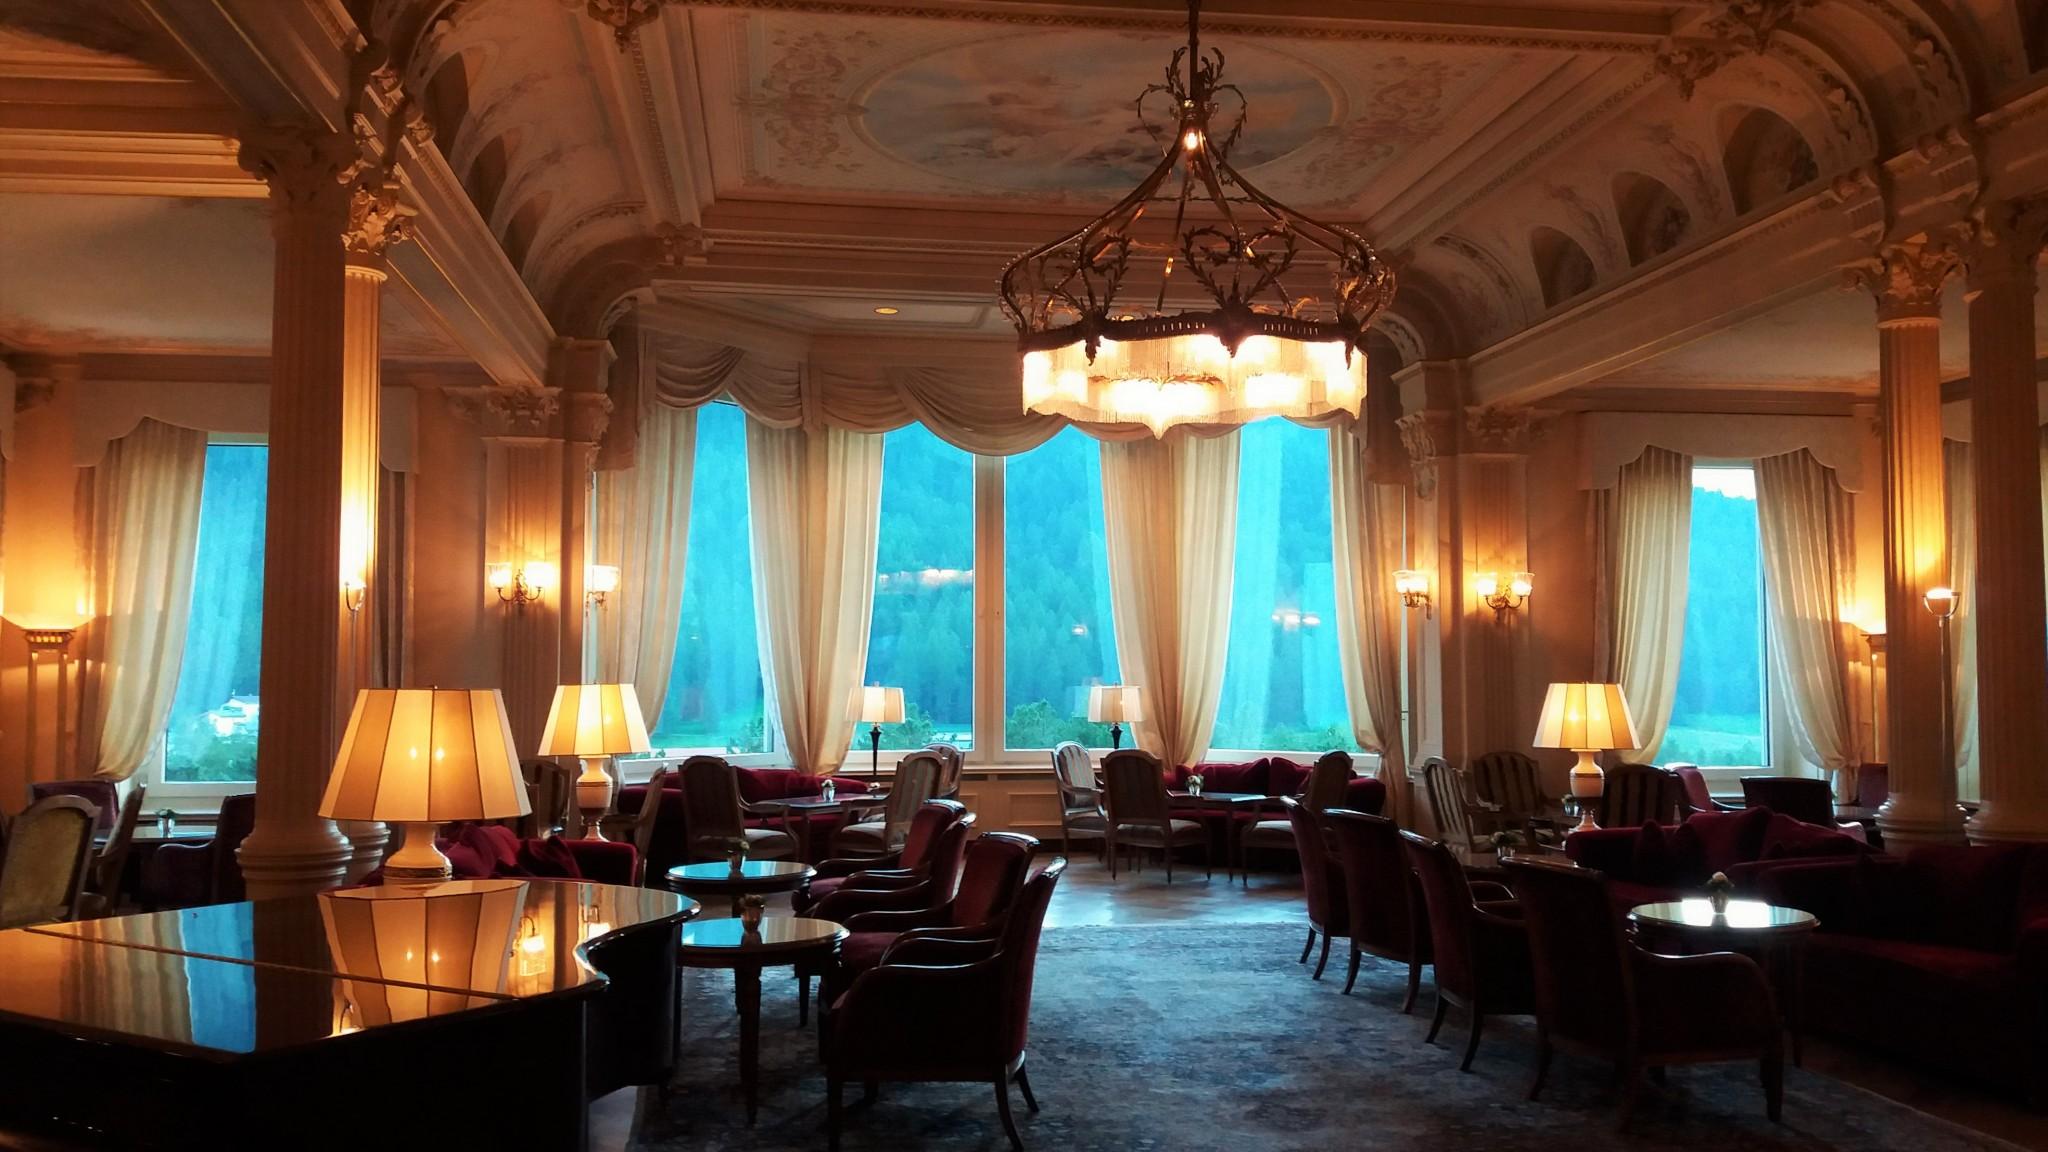 Grand Hotel Kronenhof lobby